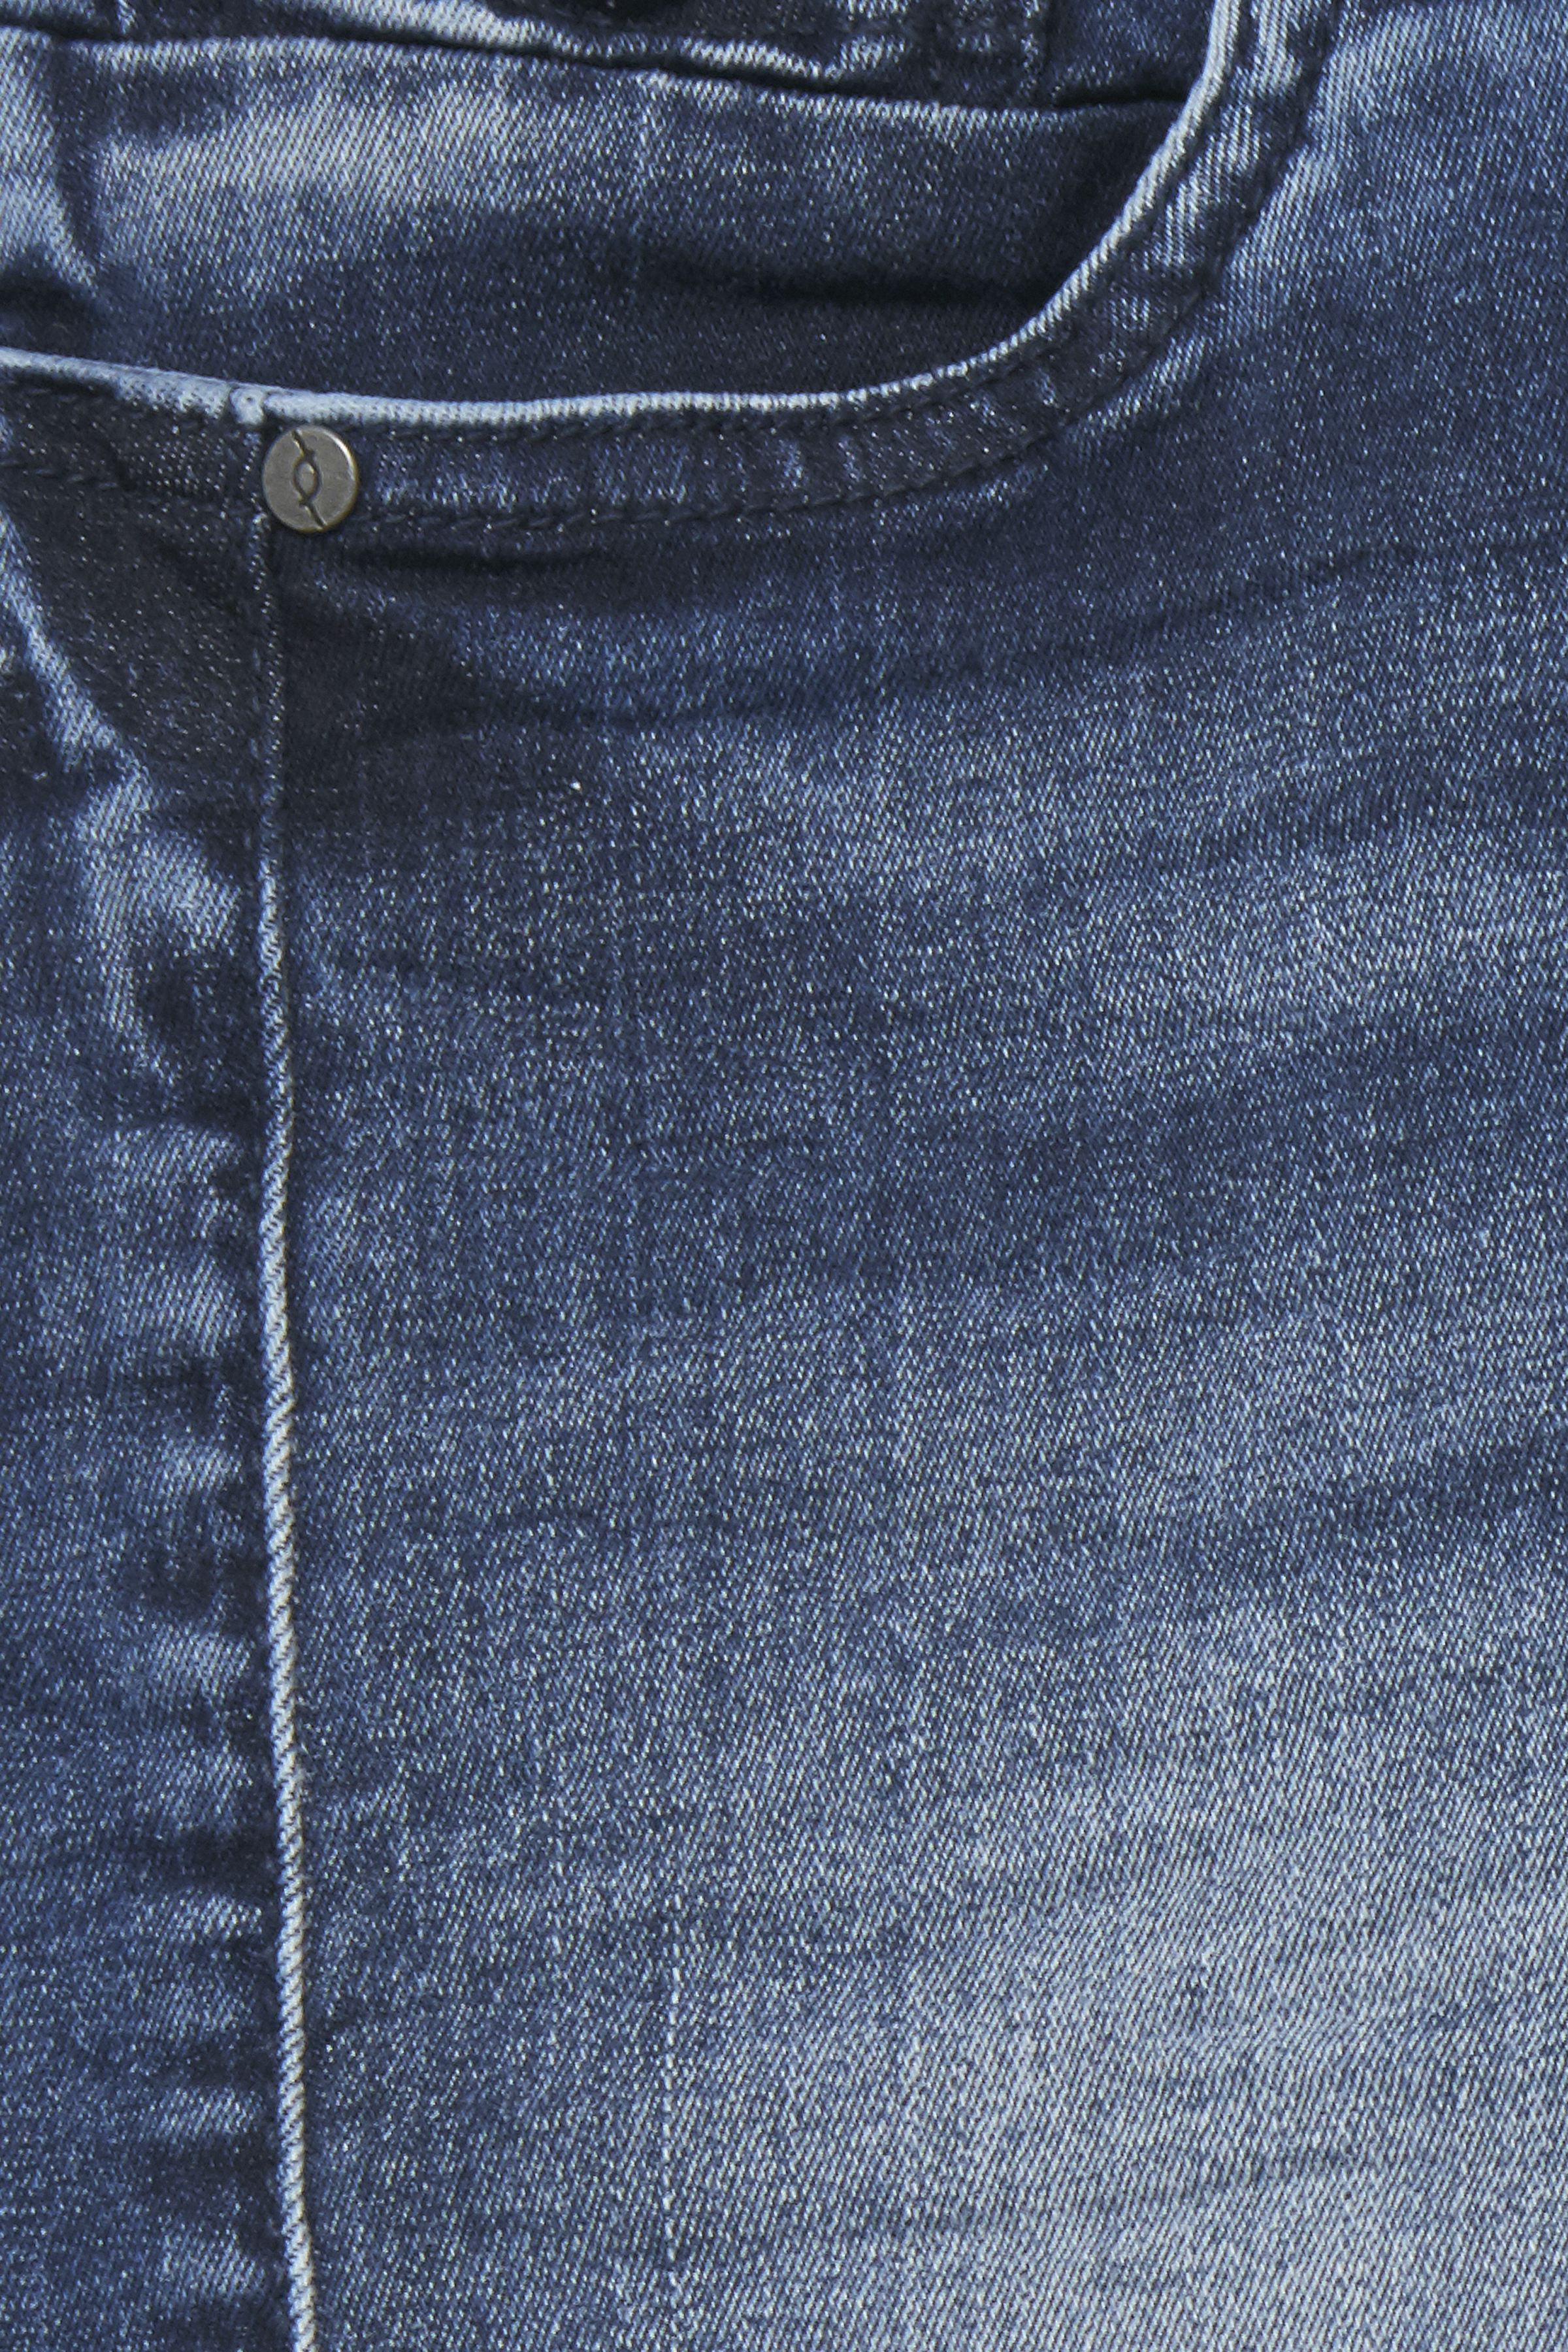 Denimblå Jeans fra Fransa – Køb Denimblå Jeans fra str. 34-46 her